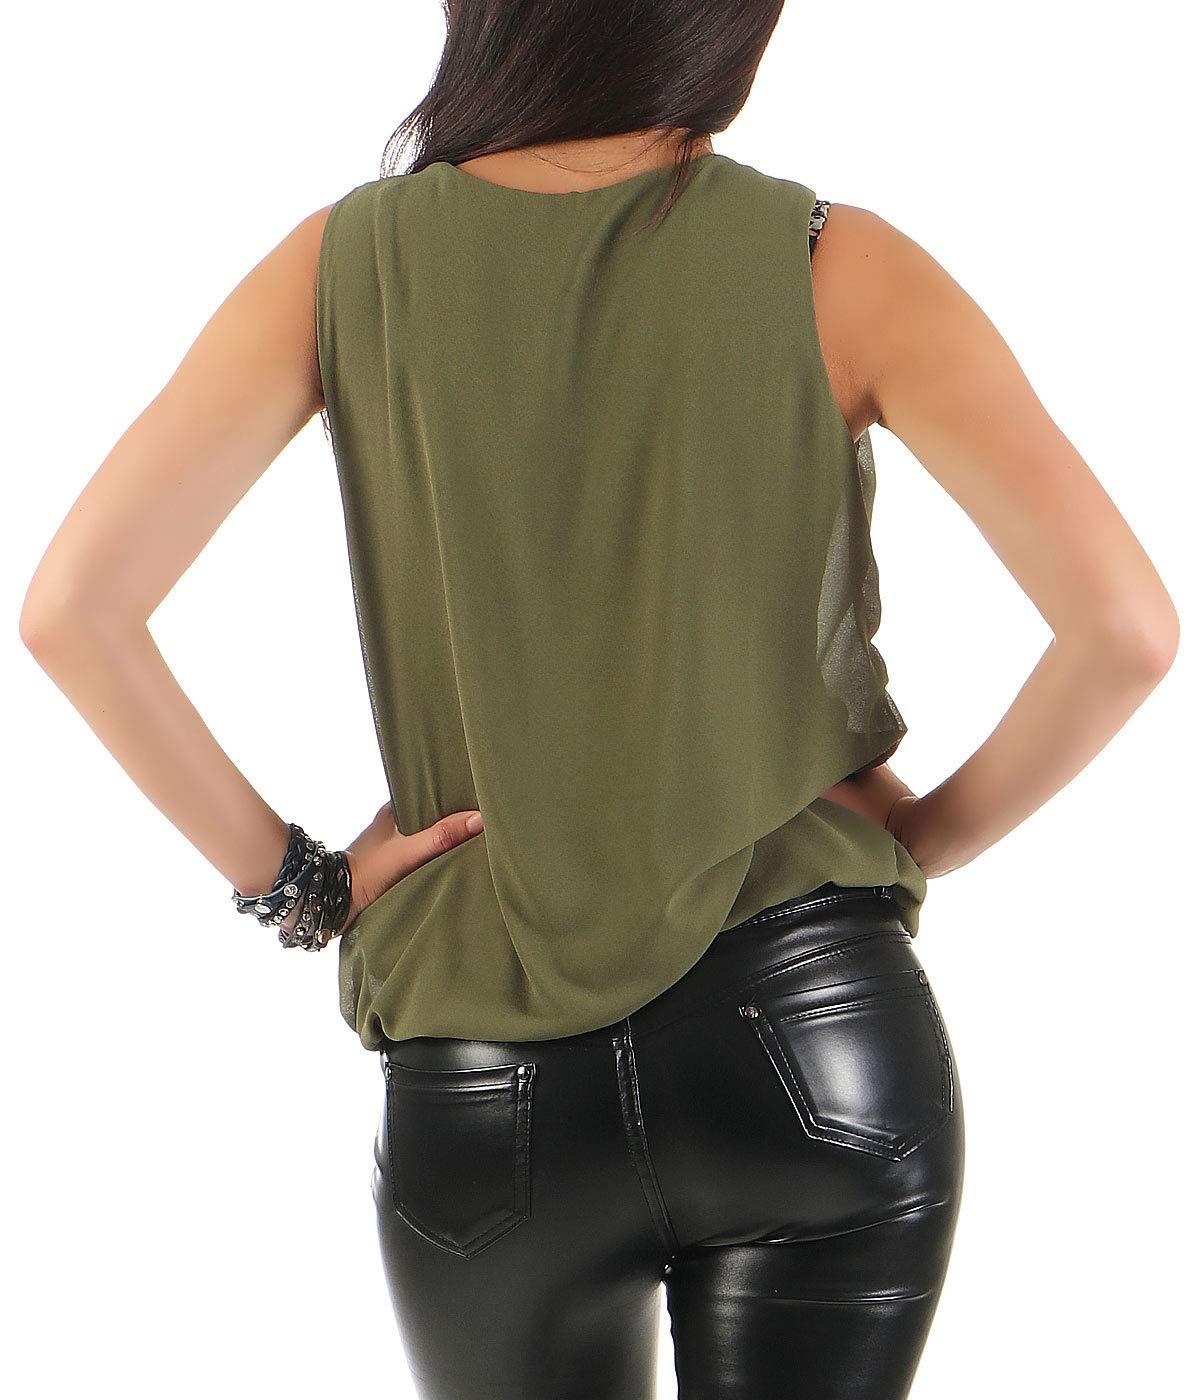 Malito dam blus ärmlös | tunika med rund hals | lätt blusskjorta | elegant – tröja 6879 oliv